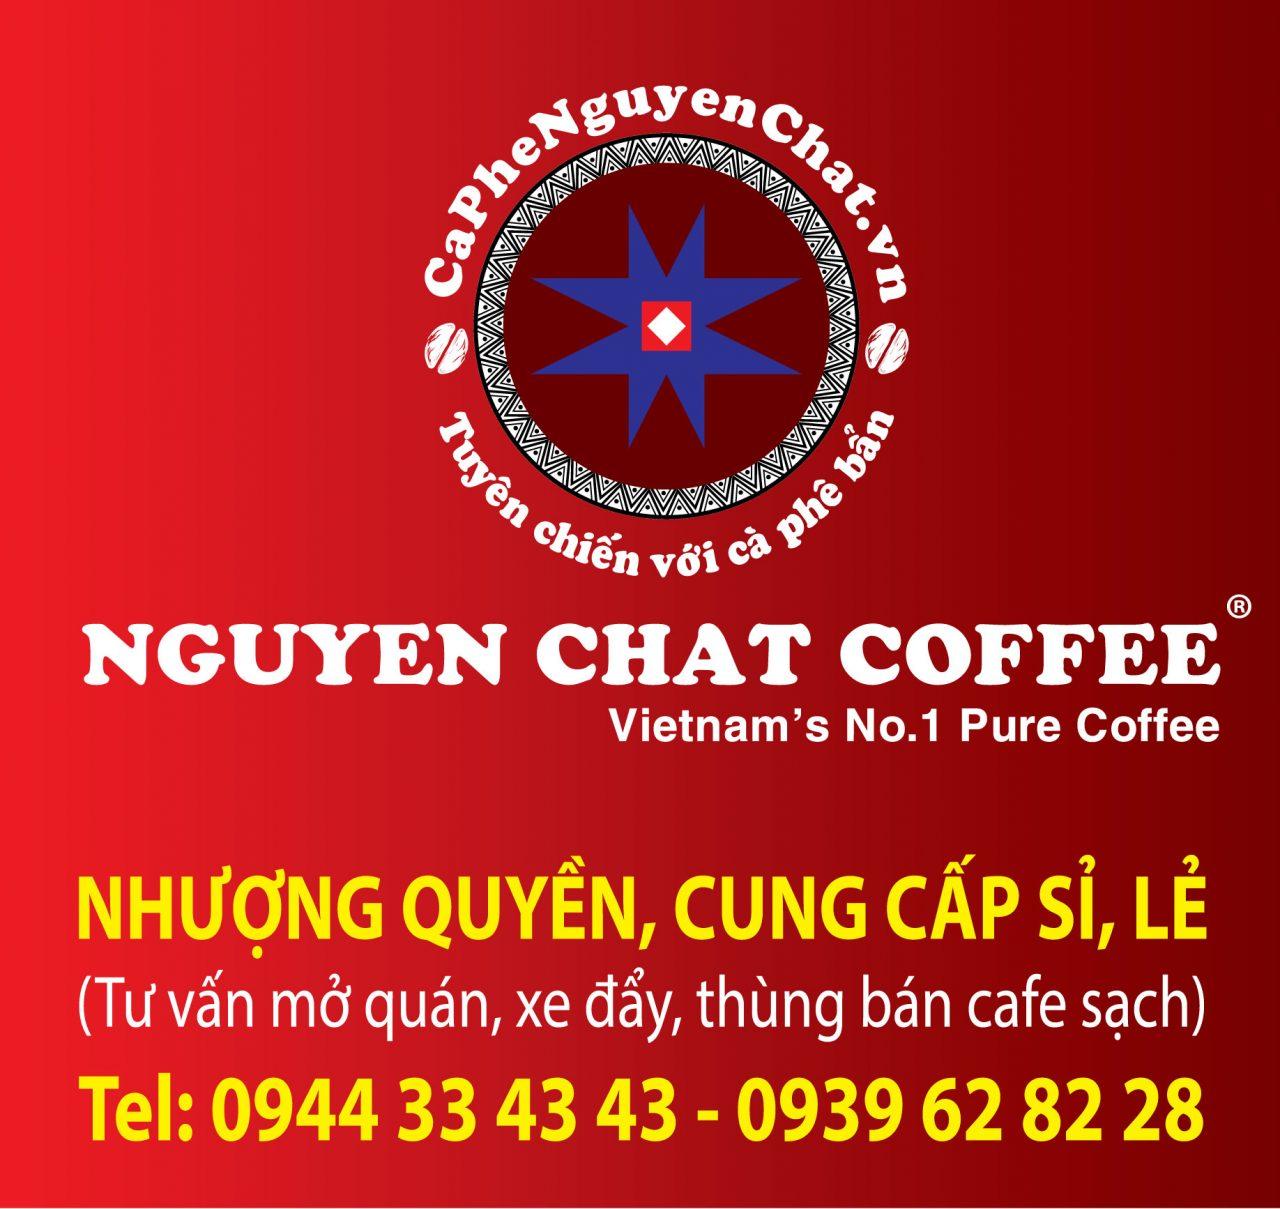 Nhượng quyền thương hiệu chỉ có ở Nguyen Chat Coffee